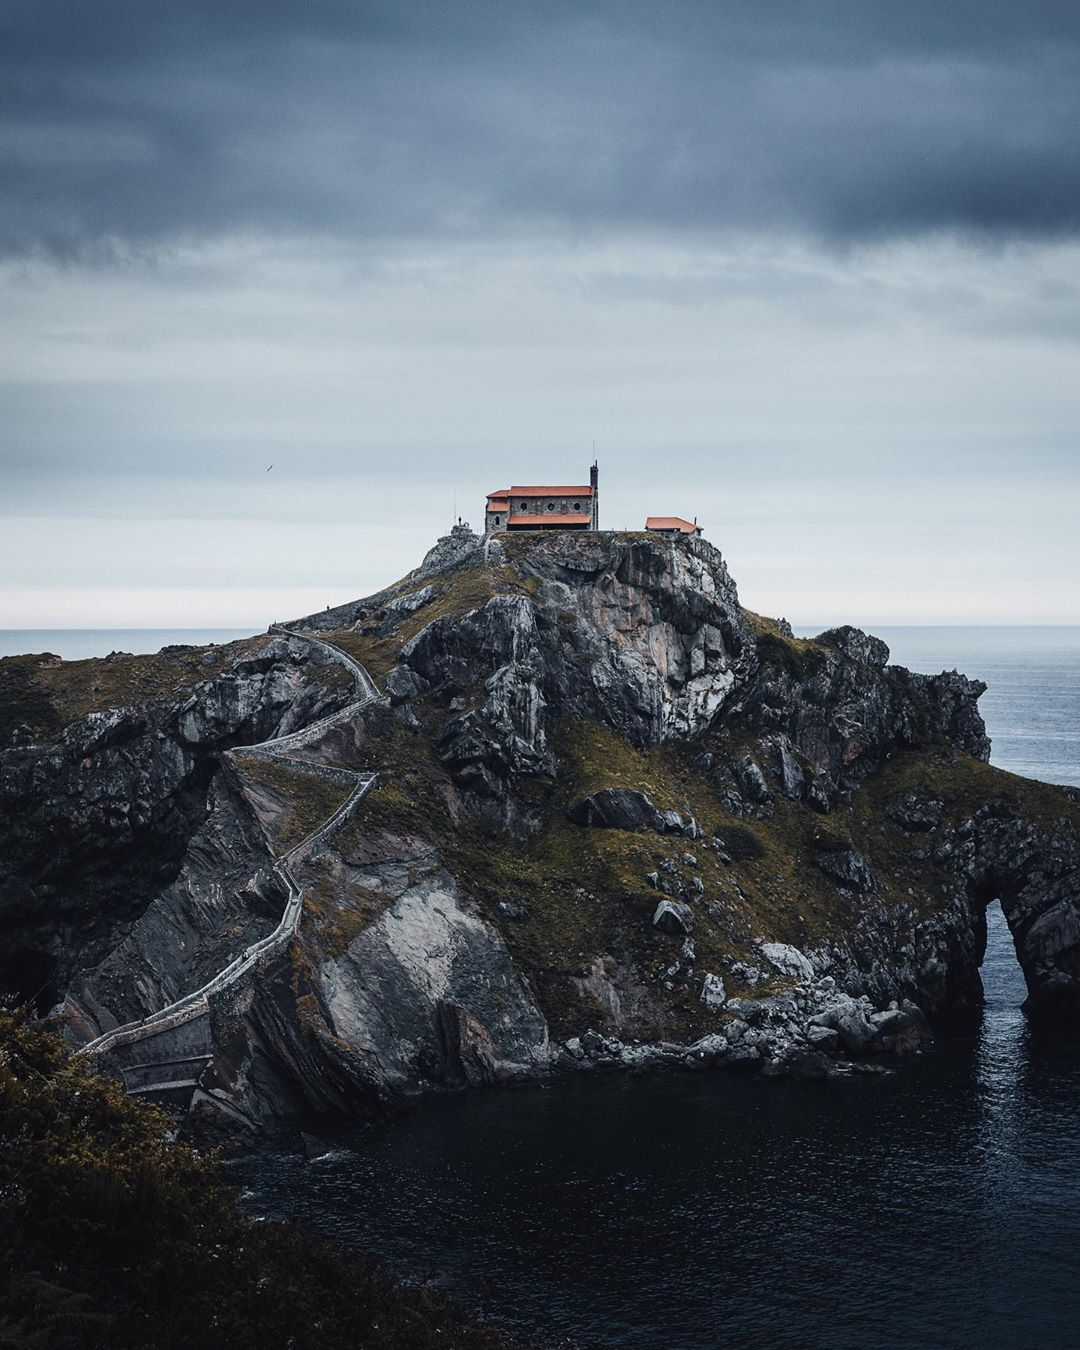 Пейзажи и путешествия на снимках Ханнеса Беккера